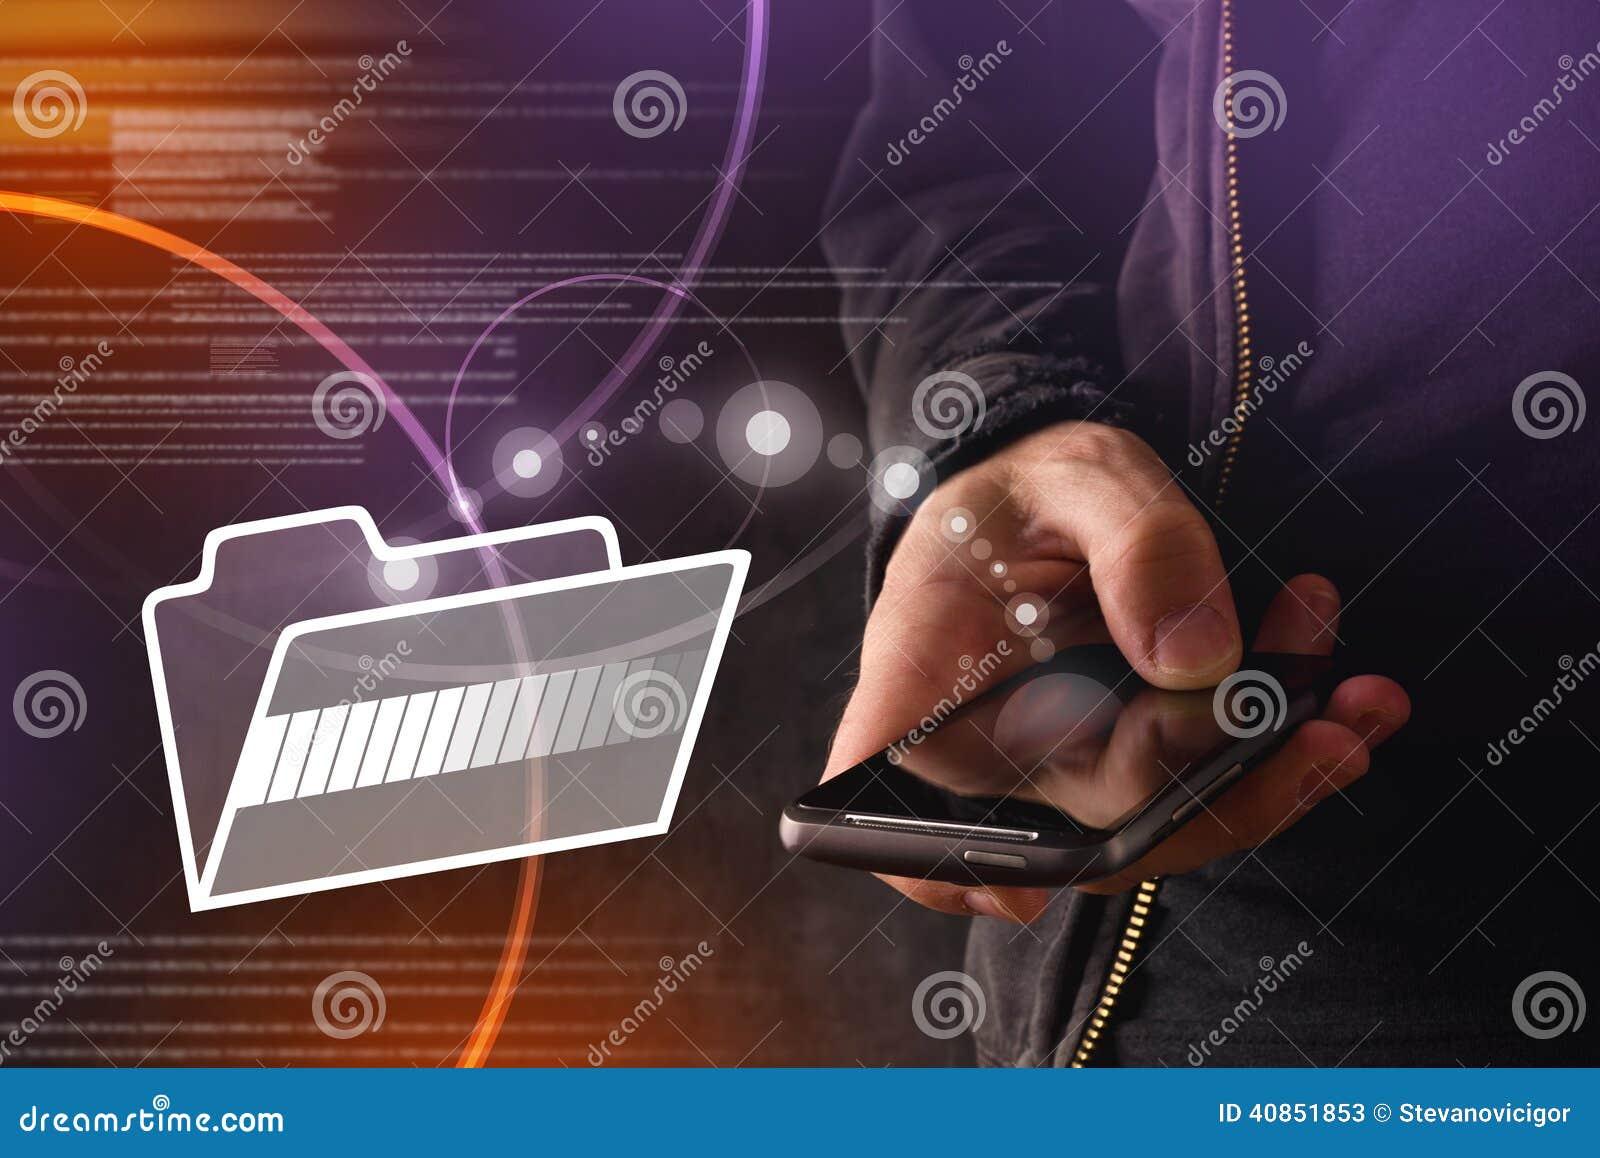 有流动巧妙的电话转移的文件的手对云彩文件夹